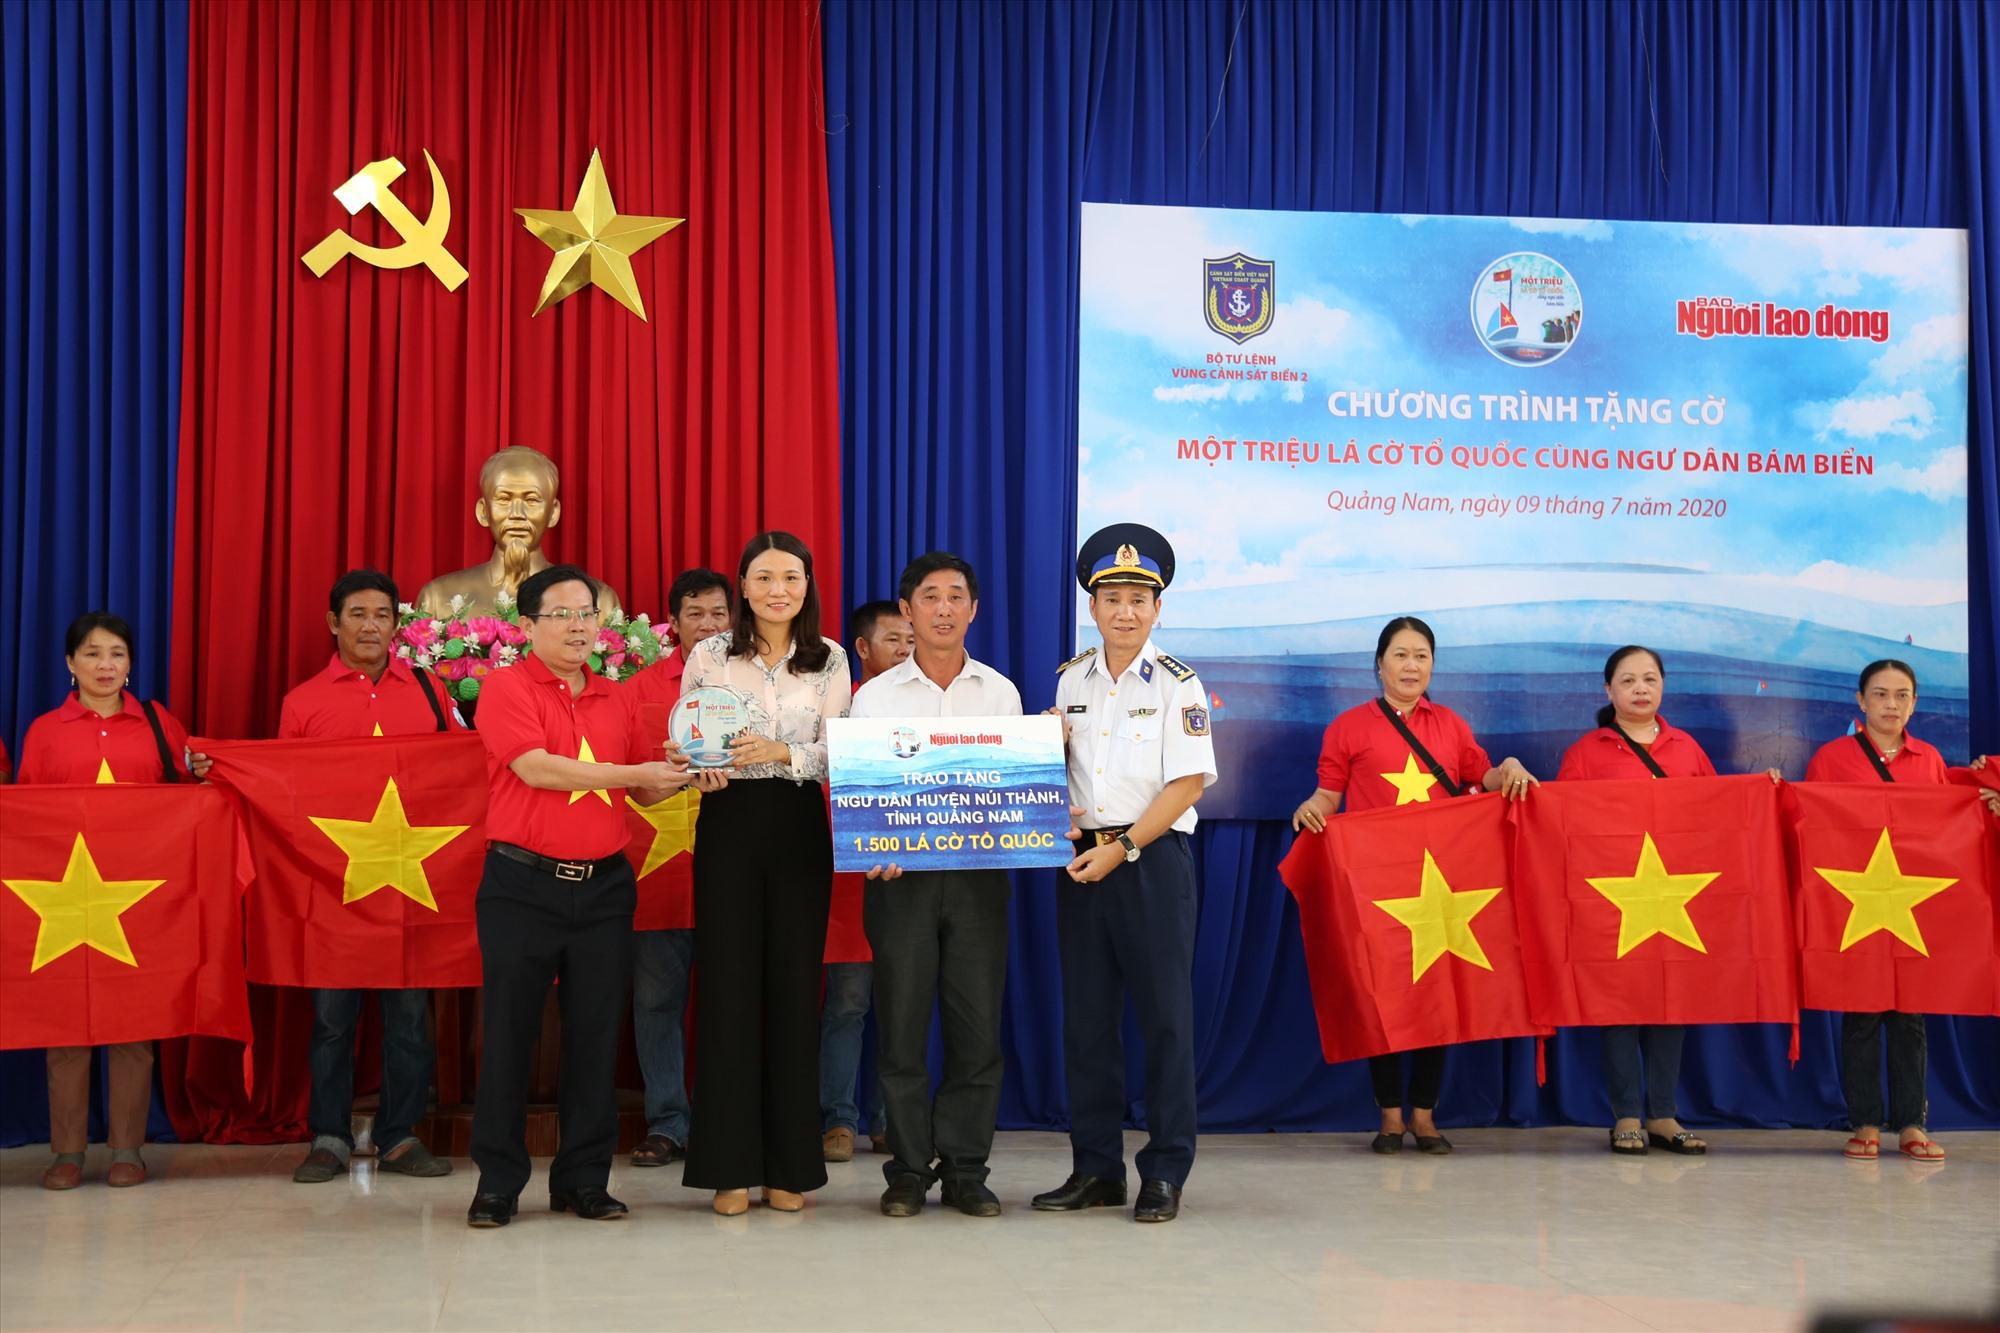 Báo Người Lao Động và Bộ Tư lệnh Vùng Cảnh sát biển 2 trao 1.500 lá cờ Tổ quốc cho ngư dân.